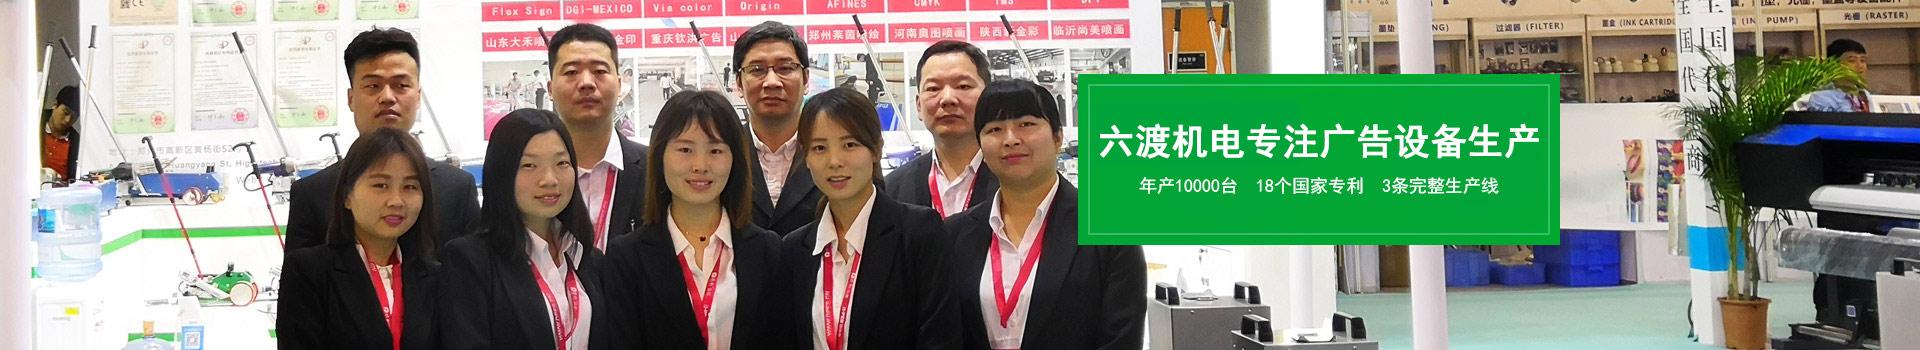 六渡机电专注广告设备生产